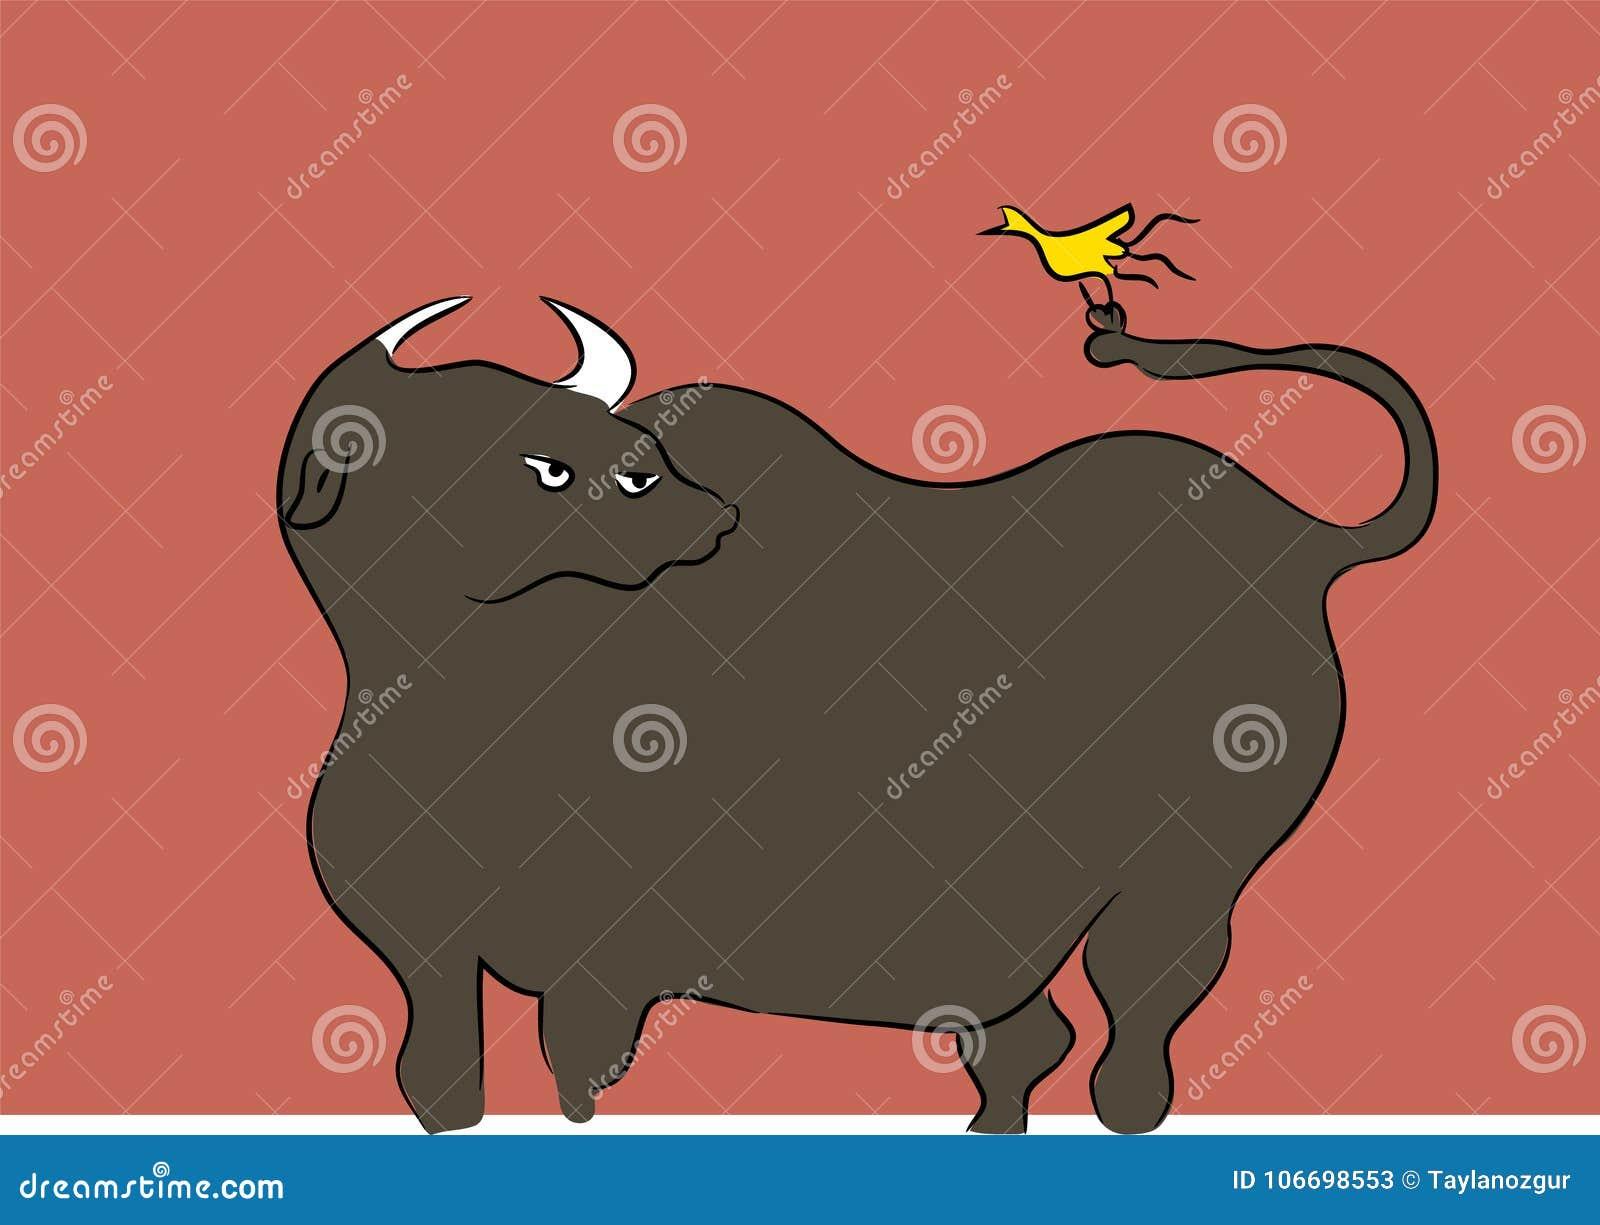 Bull and yellow bird